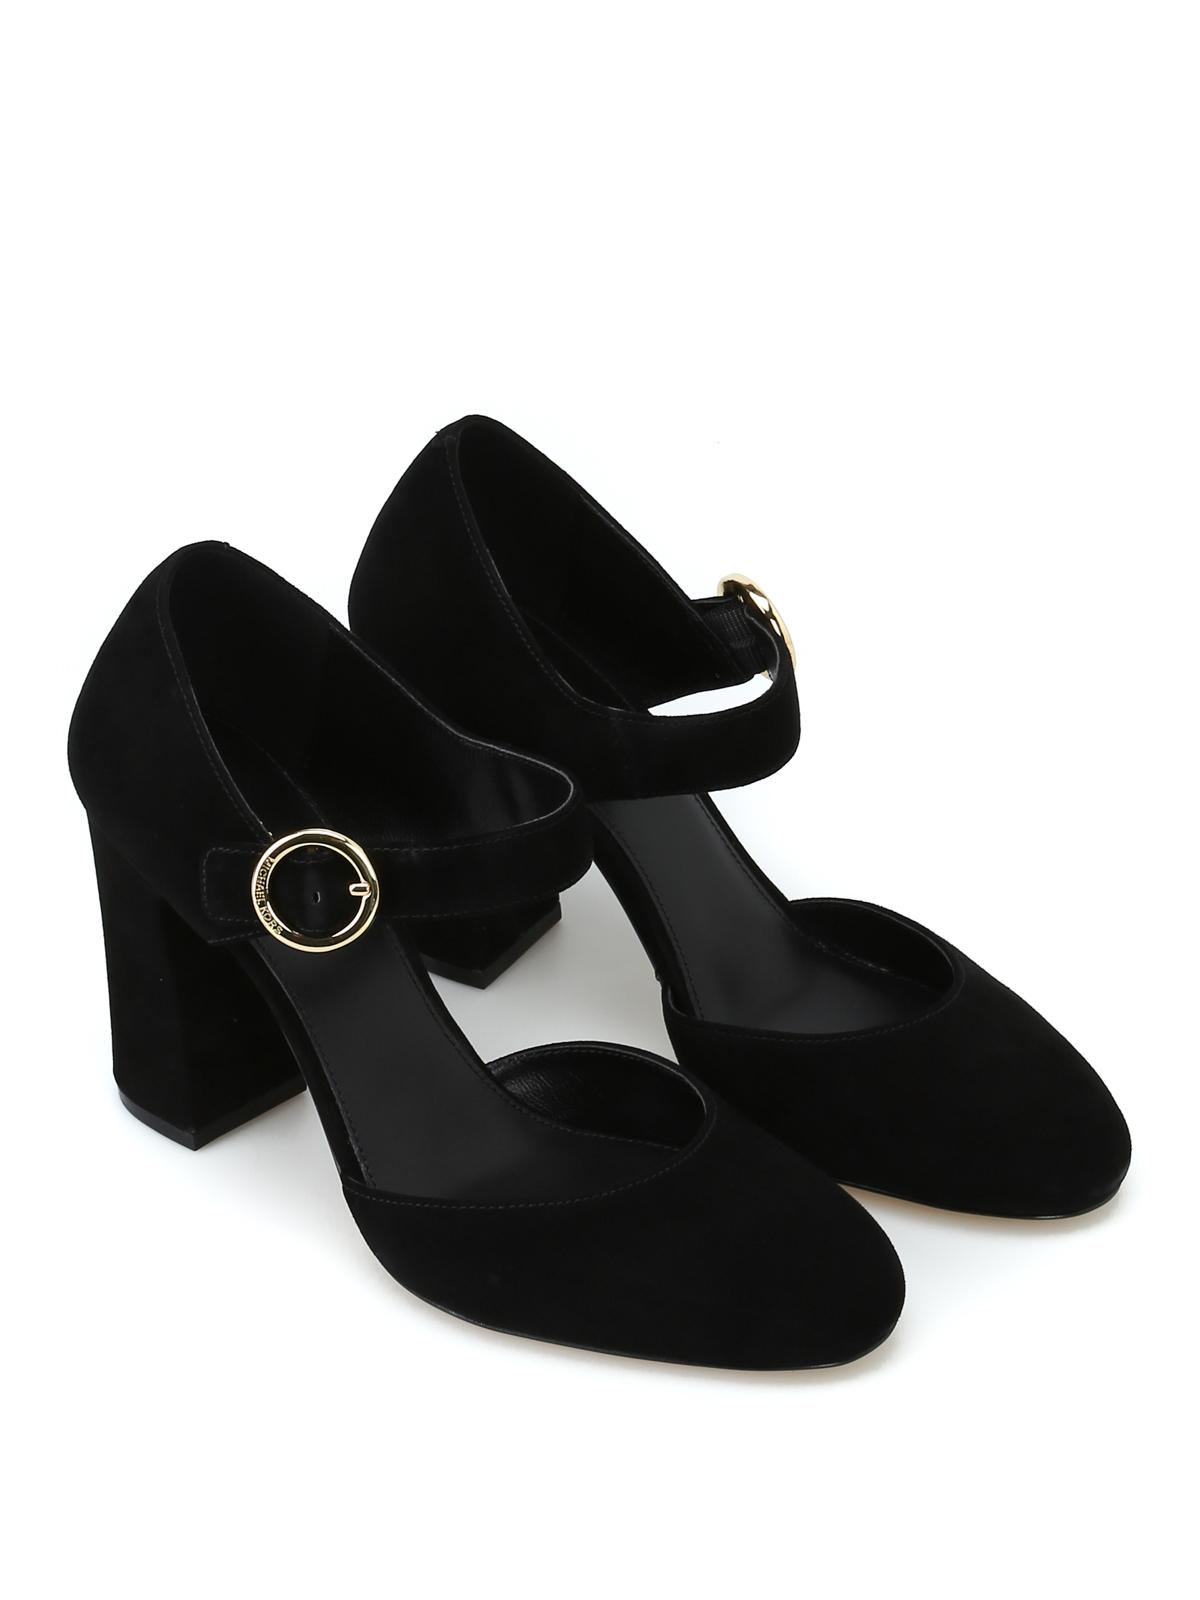 e14576aa9d3b Michael Kors - Alana black suede pumps - court shoes - 40T8ANHS1S001